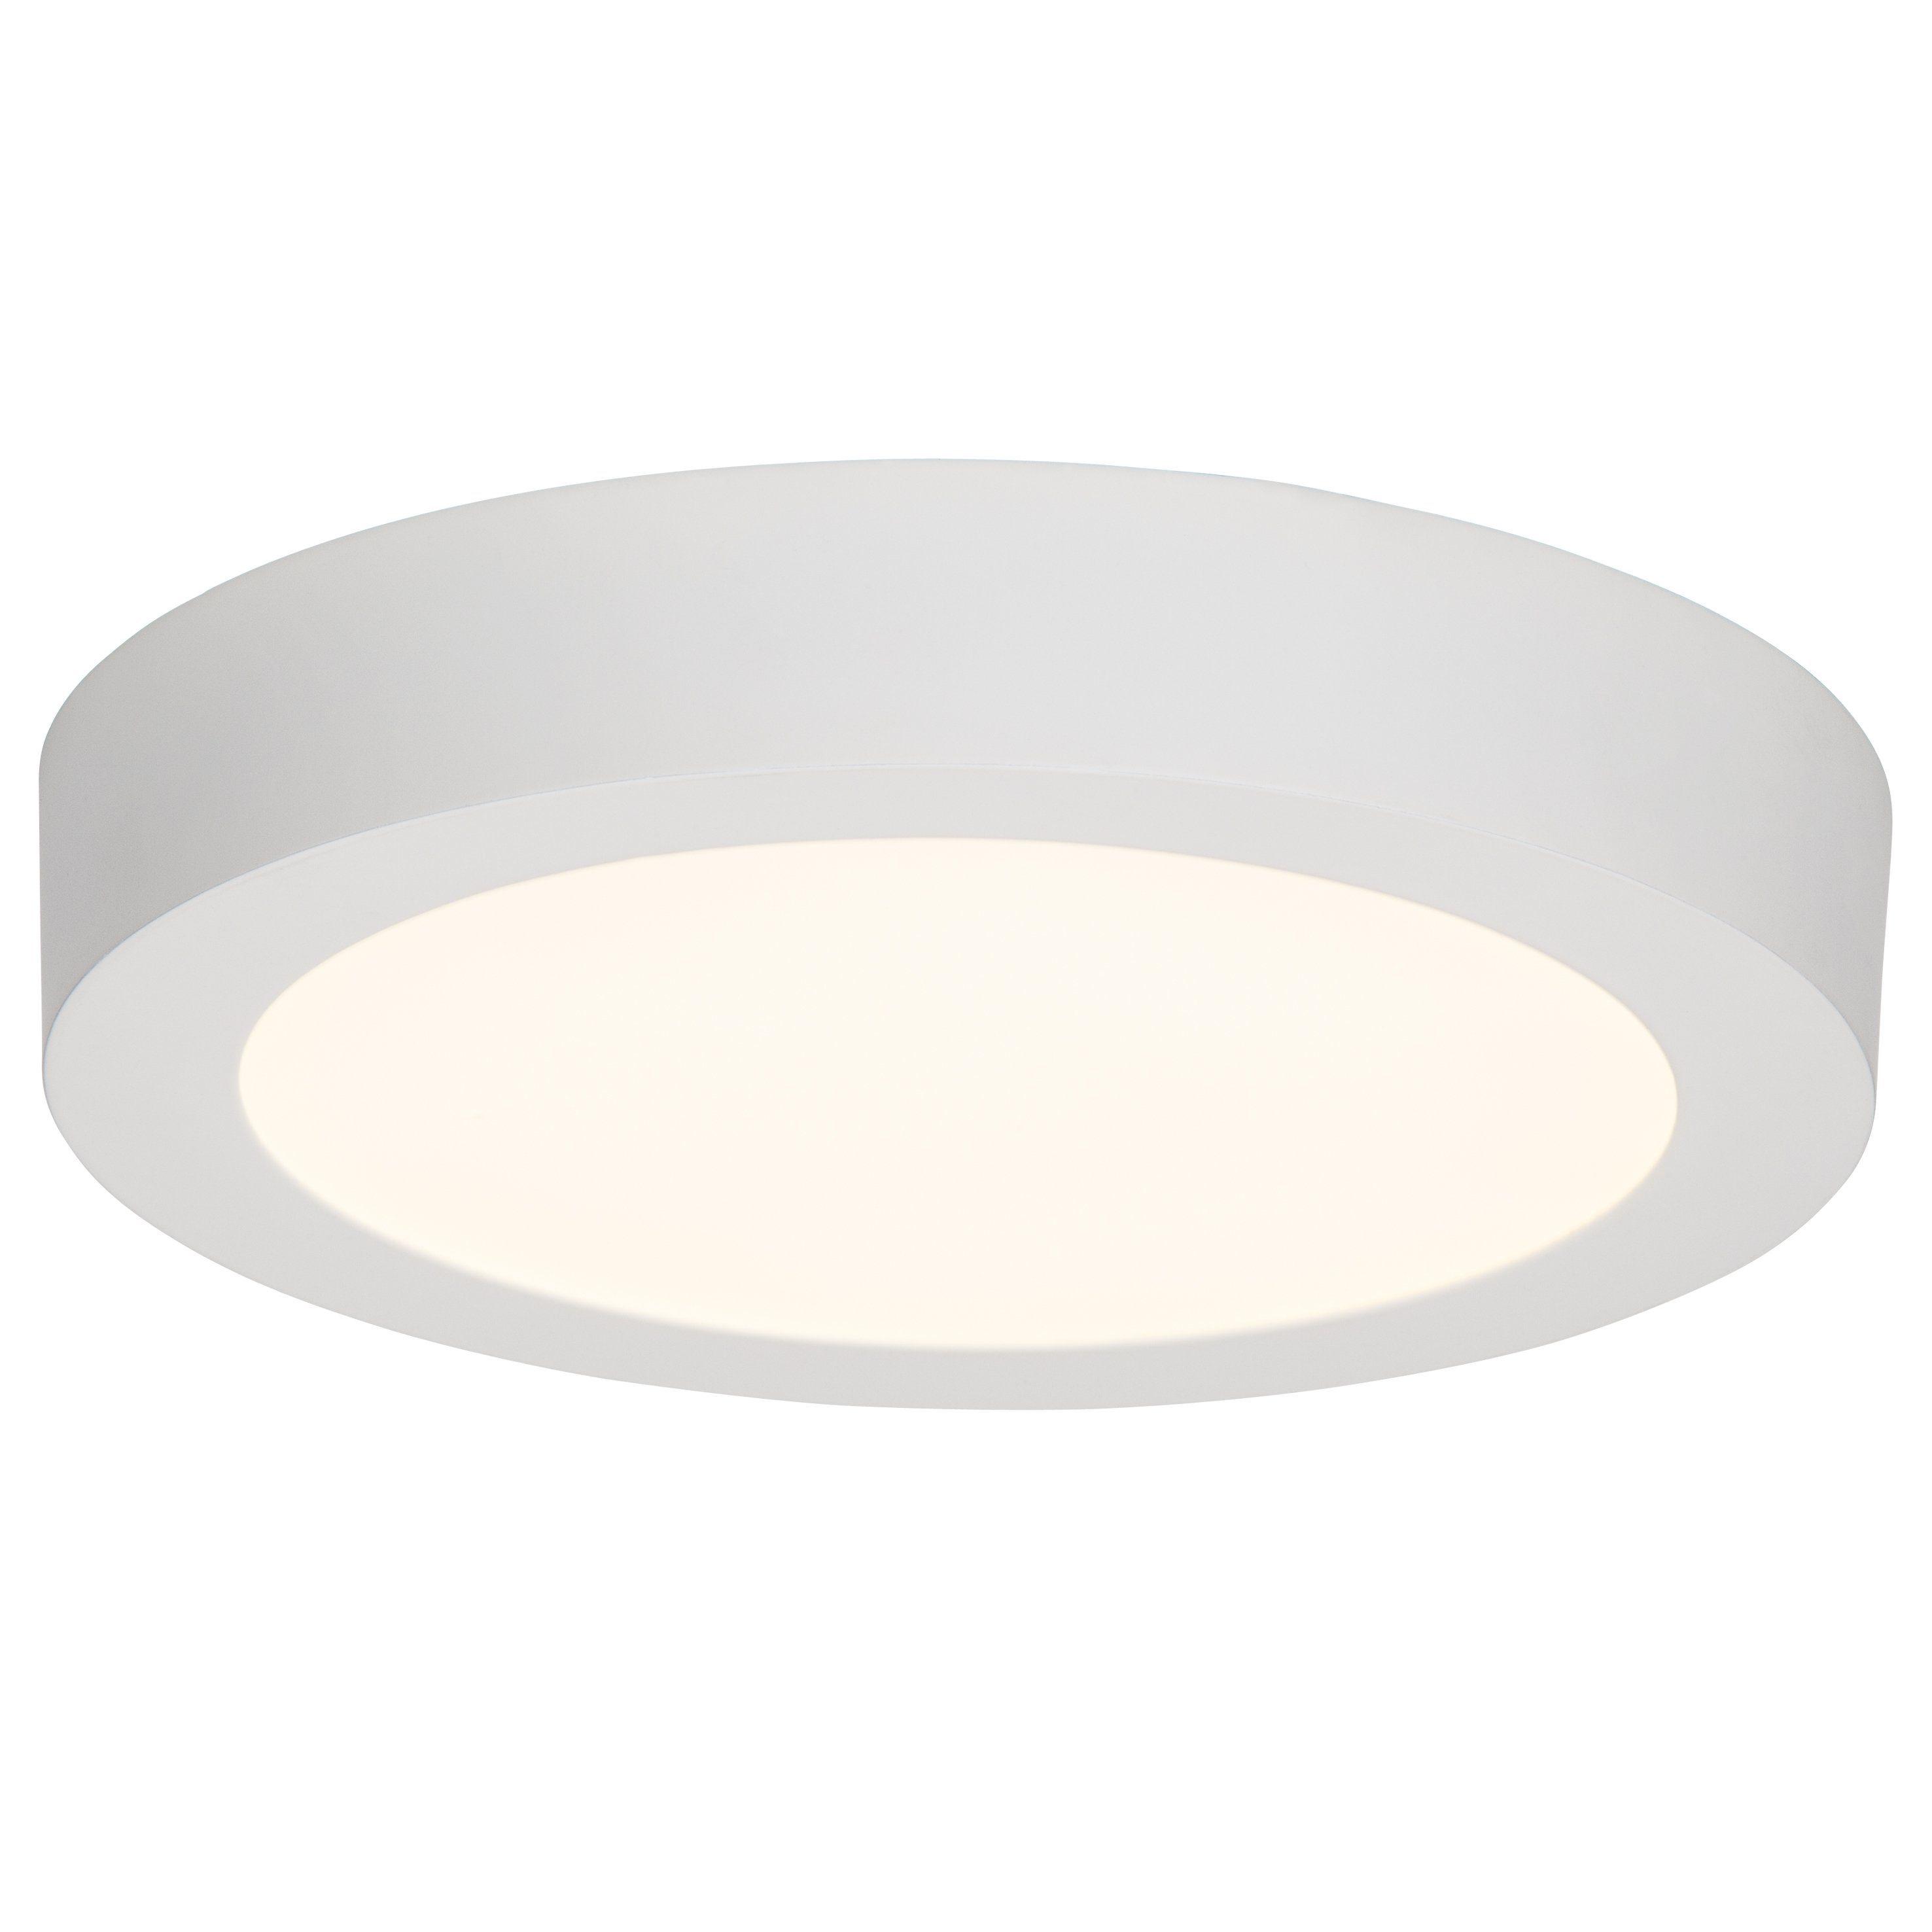 Brilliant Leuchten Katalina LED Aufbauleuchte 18W weiß